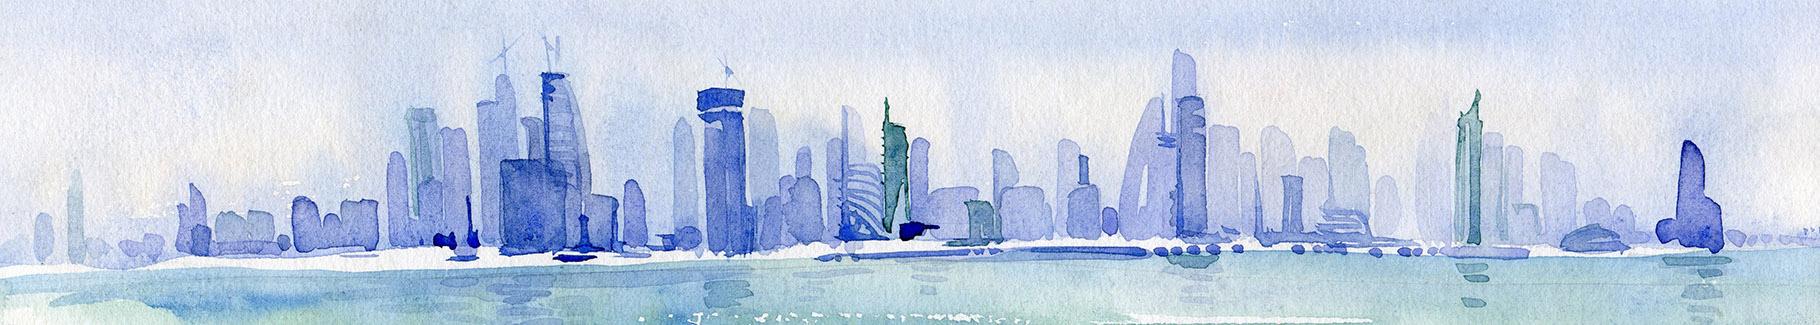 Obraz miasto w akwareli